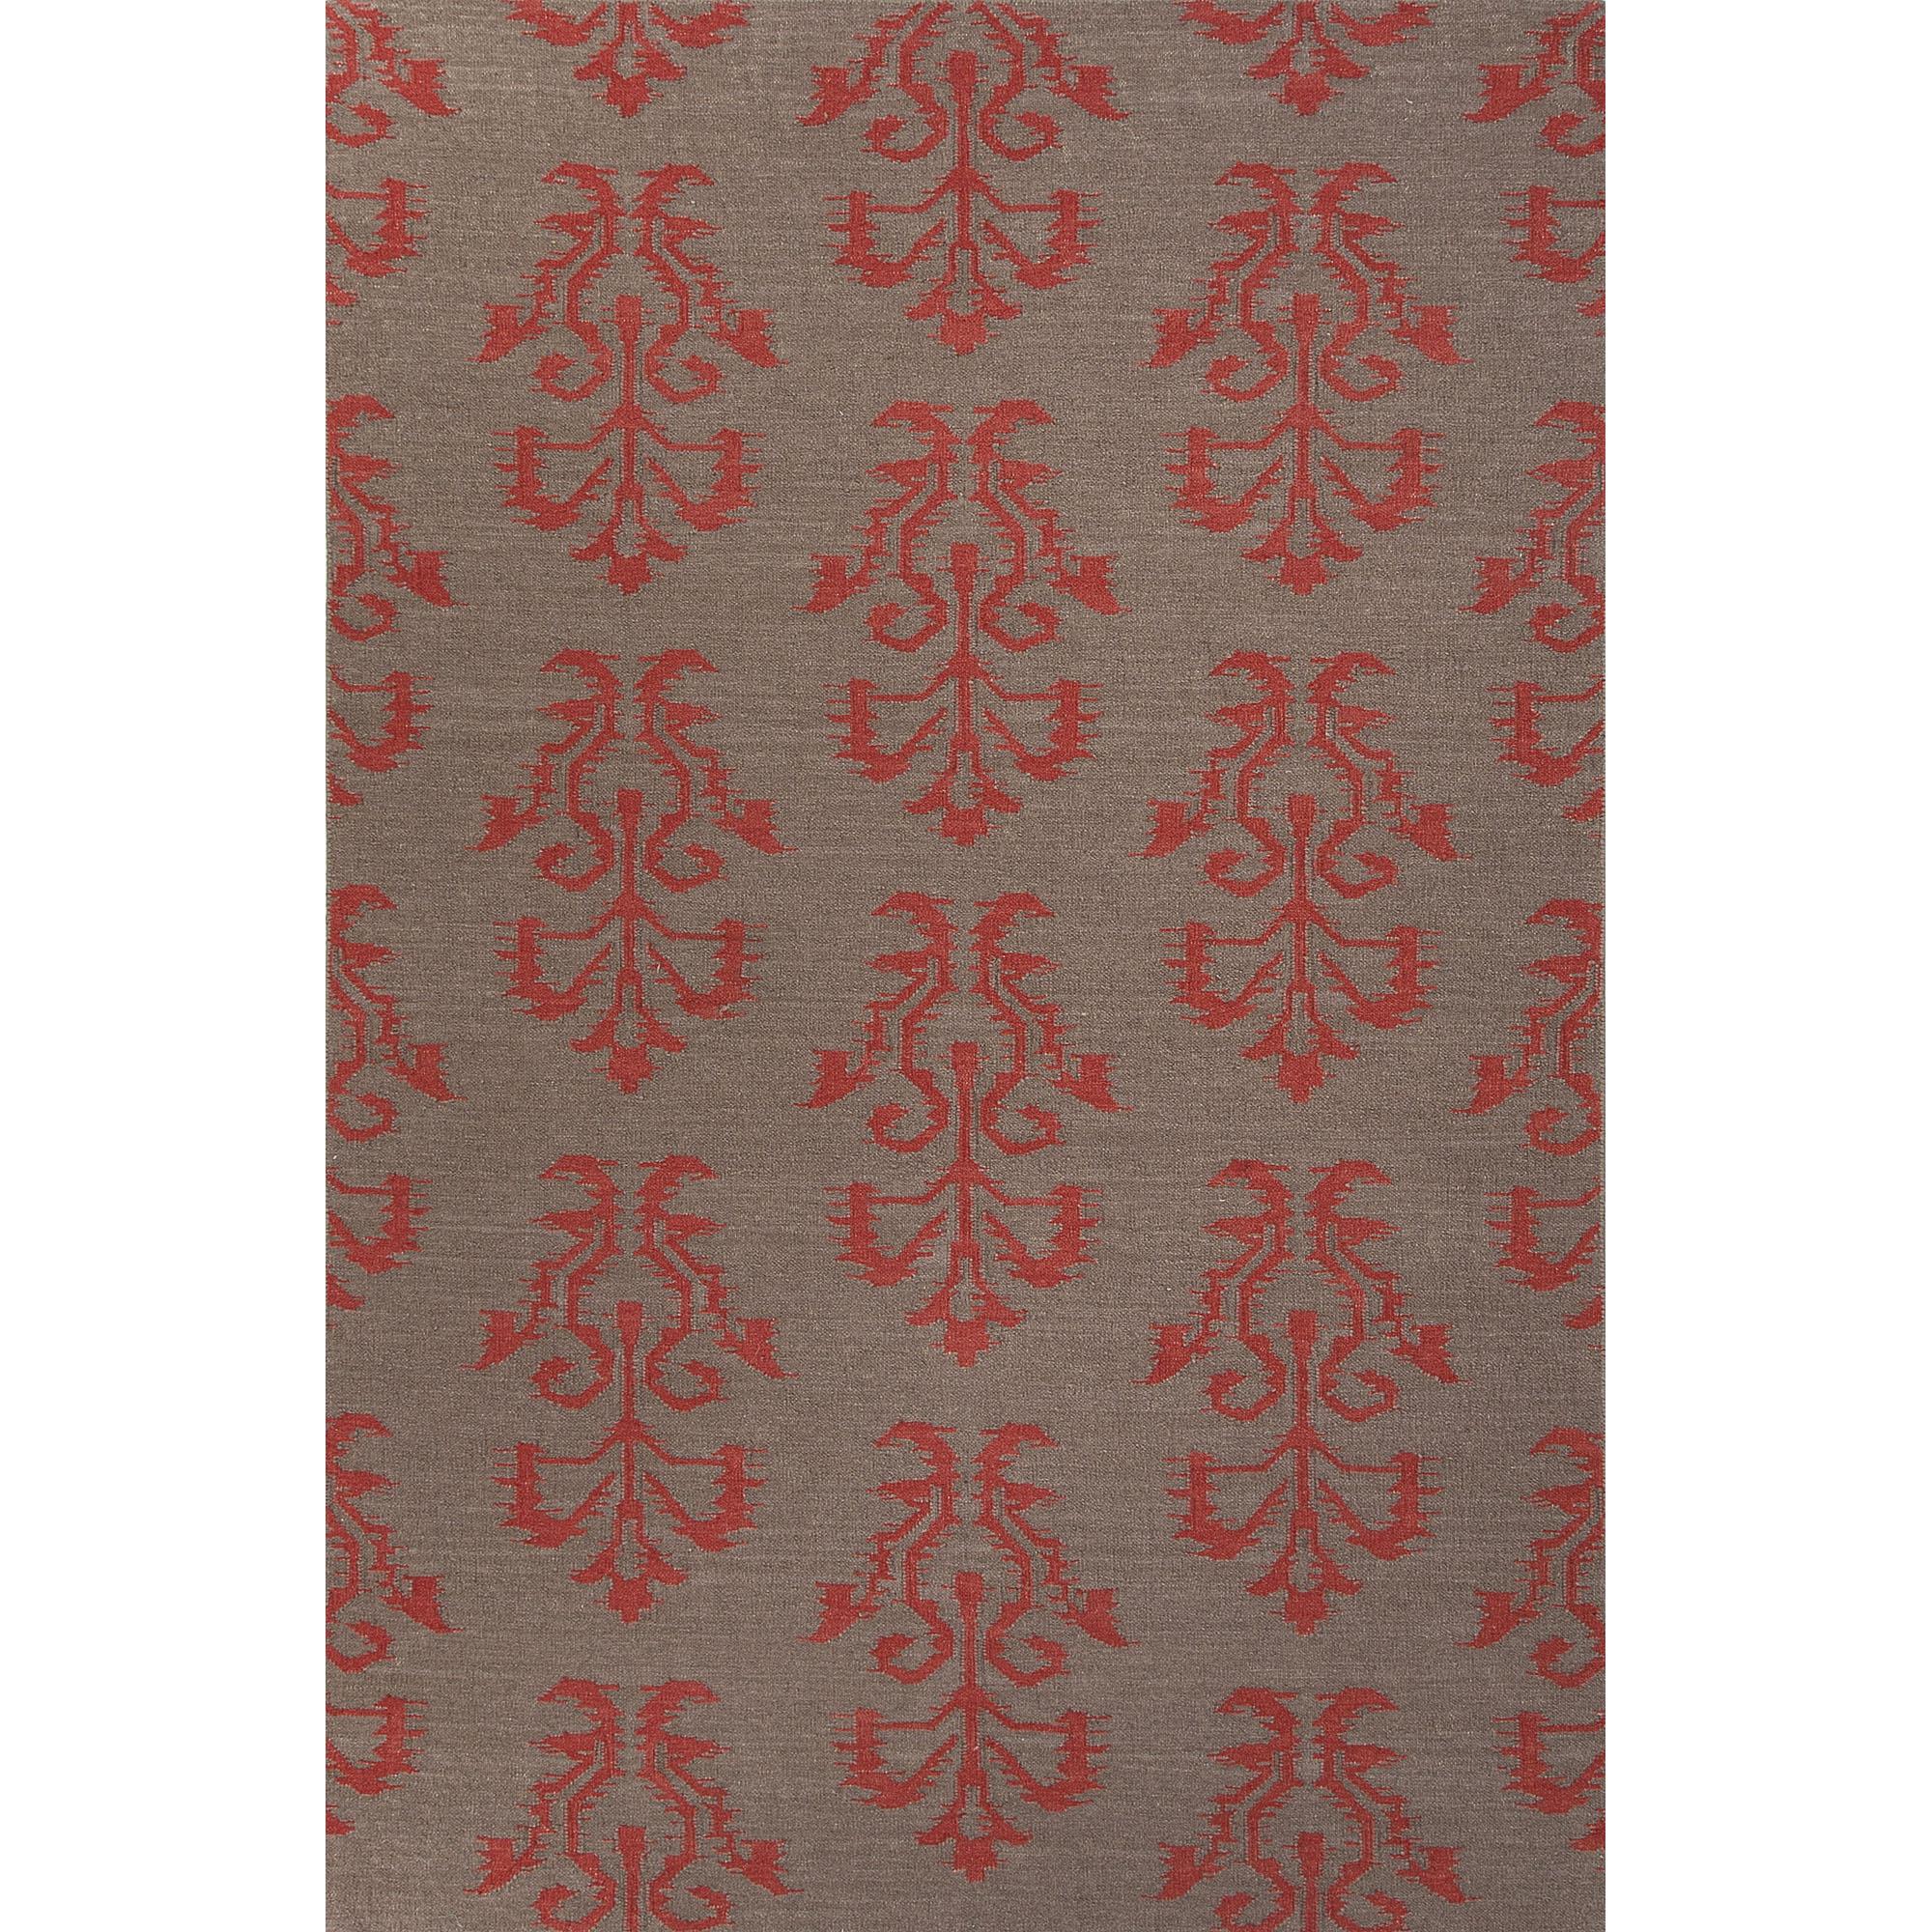 JAIPUR Rugs Urban Bungalow 8 x 10 Rug - Item Number: RUG112275